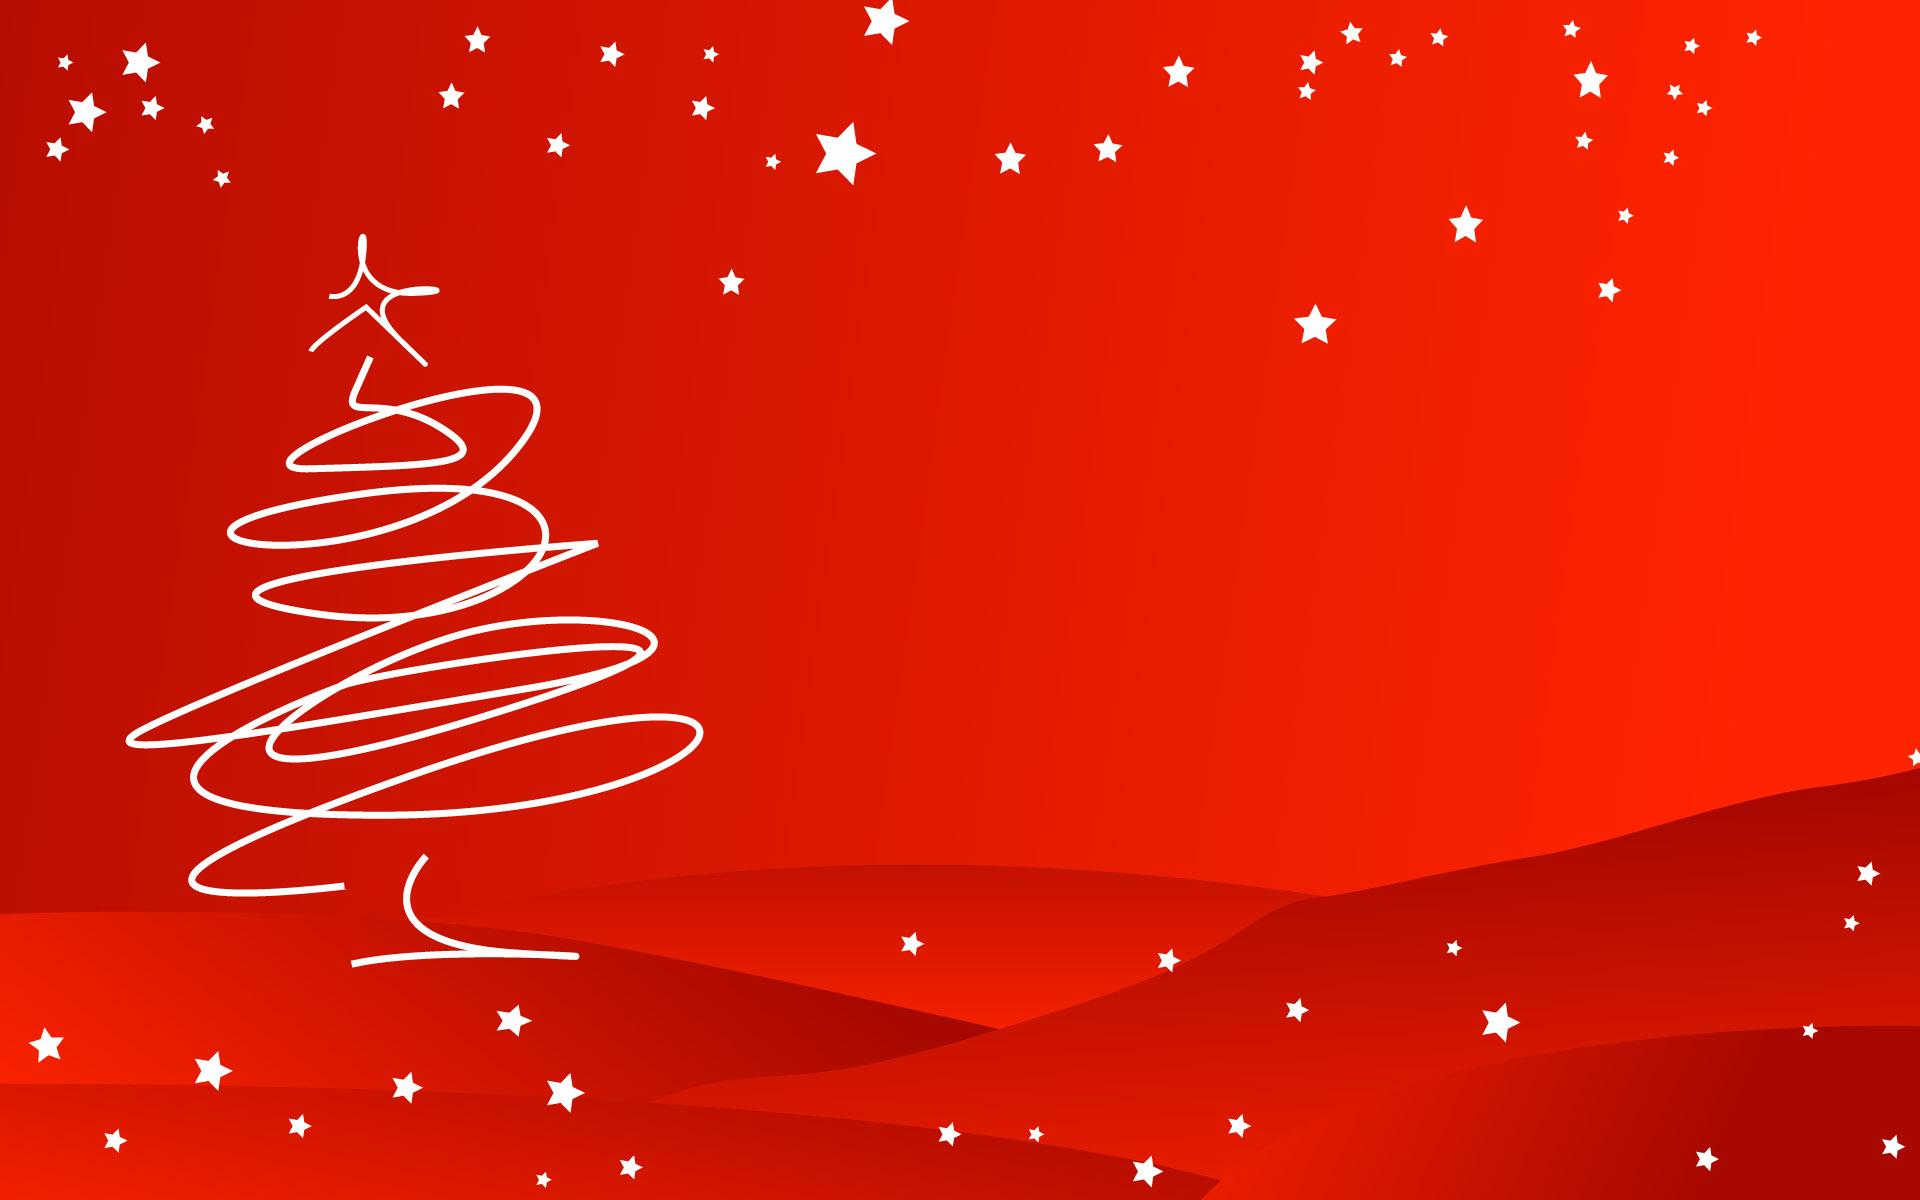 """Feliz Navidad empieza por """"E""""."""